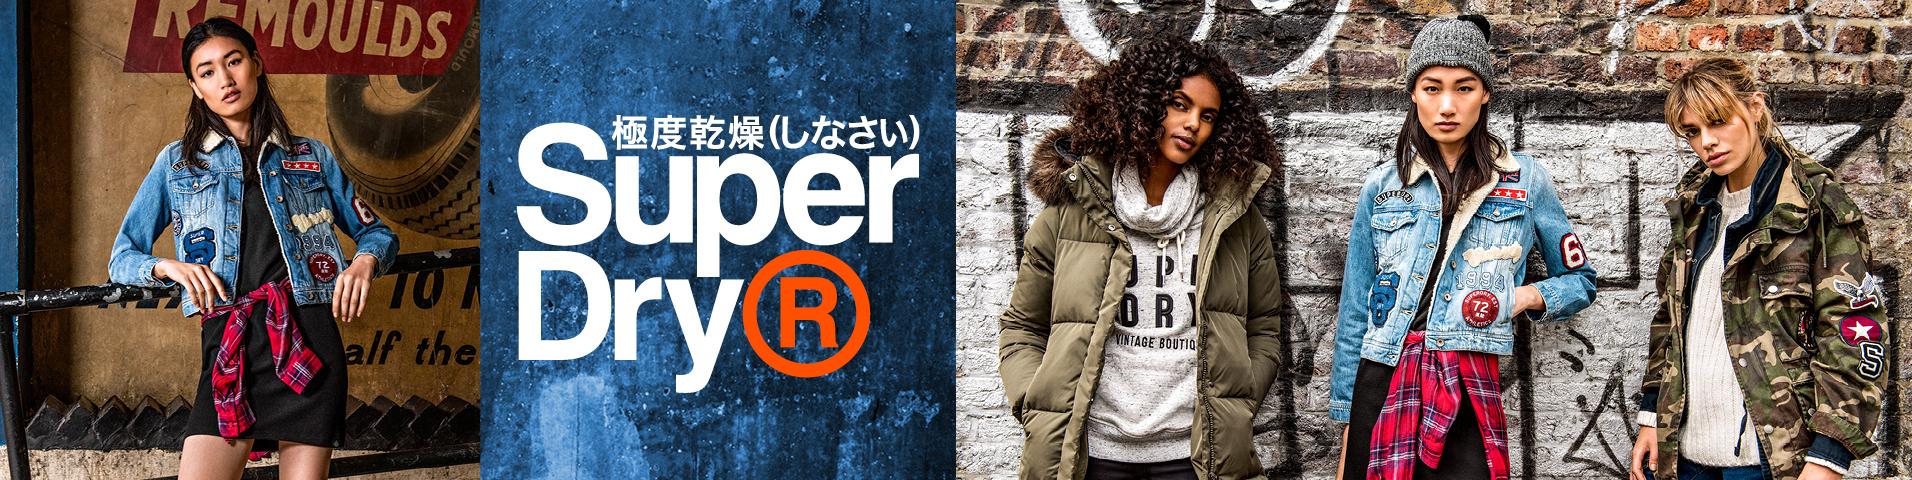 2018 Soldes Sur Femme Orange Superdry Les D'hiver Vestes qFRwB5